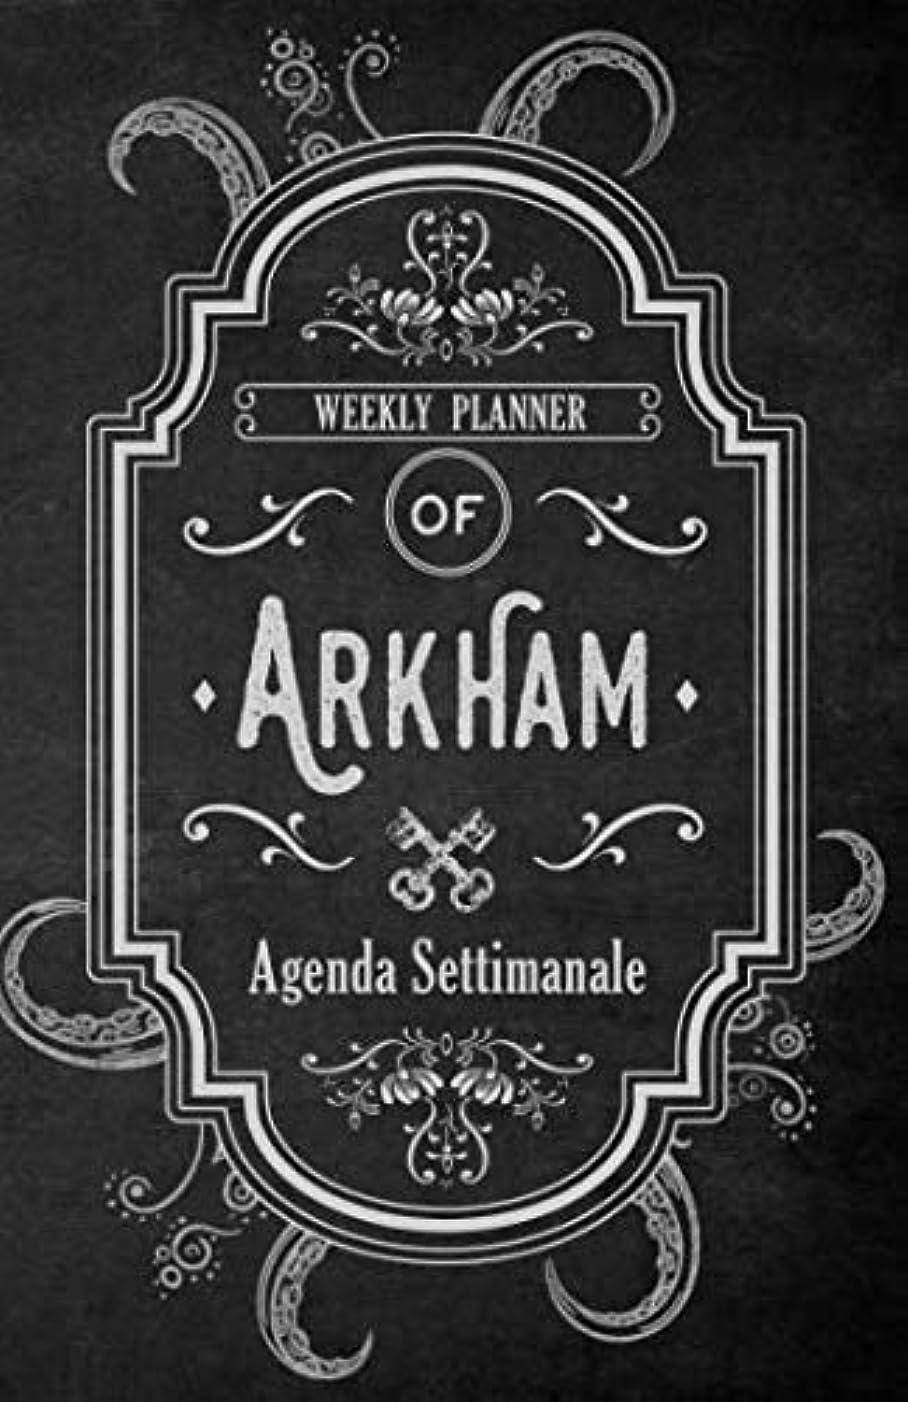 ベルト職業戦争Arkham Agenda Settimanale: Weekly Planner in italiano, life organizer da borsa, 12 mesi, 54 settimane (Agenda Planner settimanale perpetua senza data)